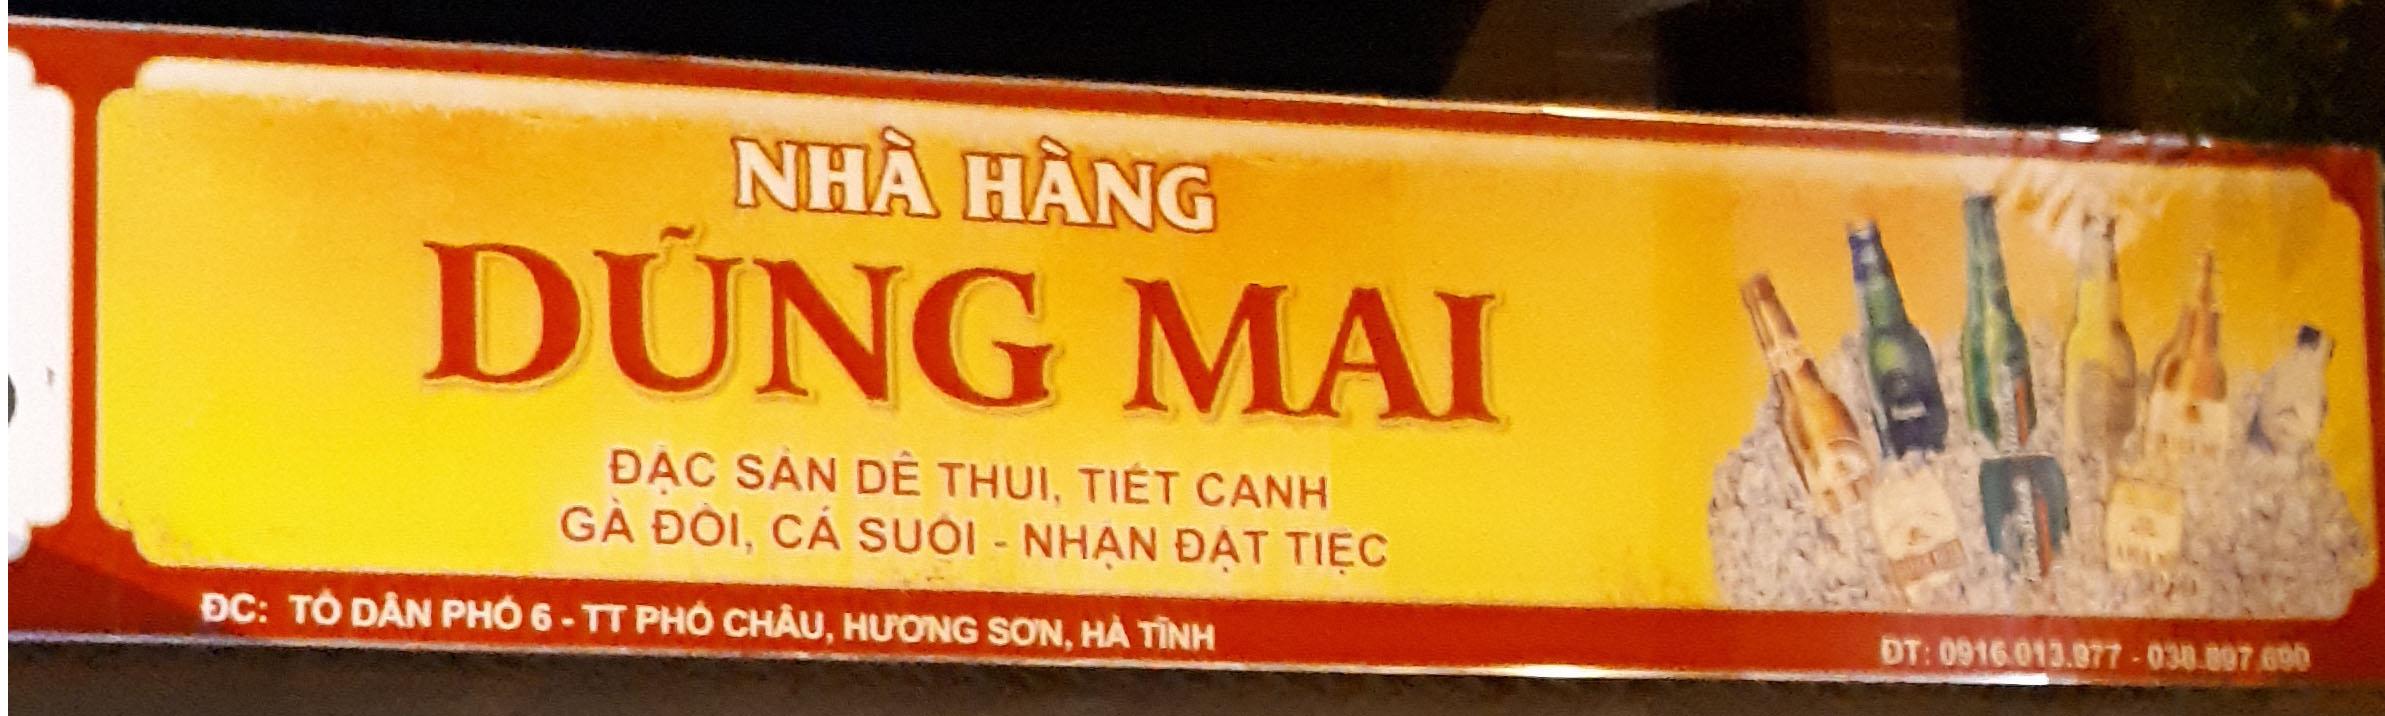 Cổng TTĐT Du Lịch